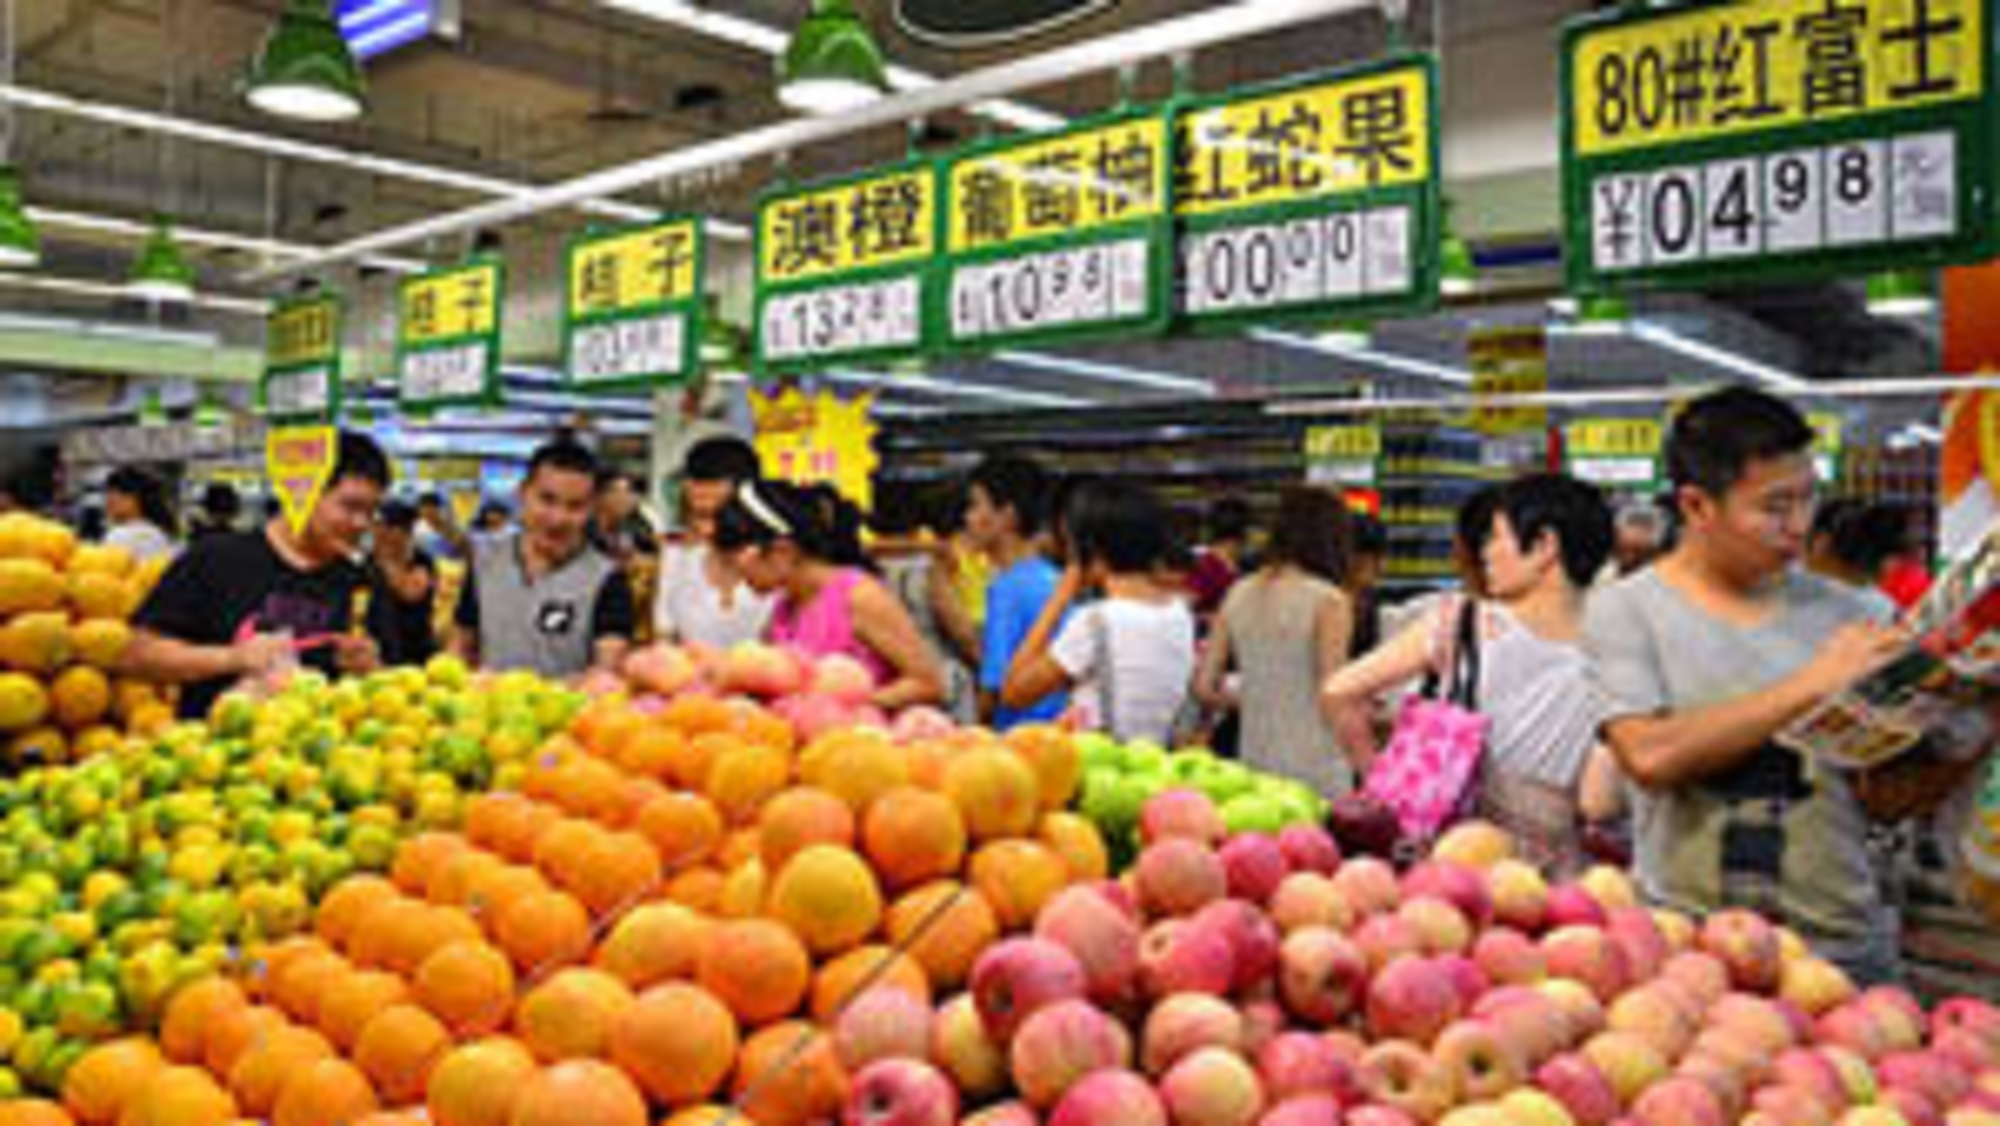 Linyi Caowangzhuang Store